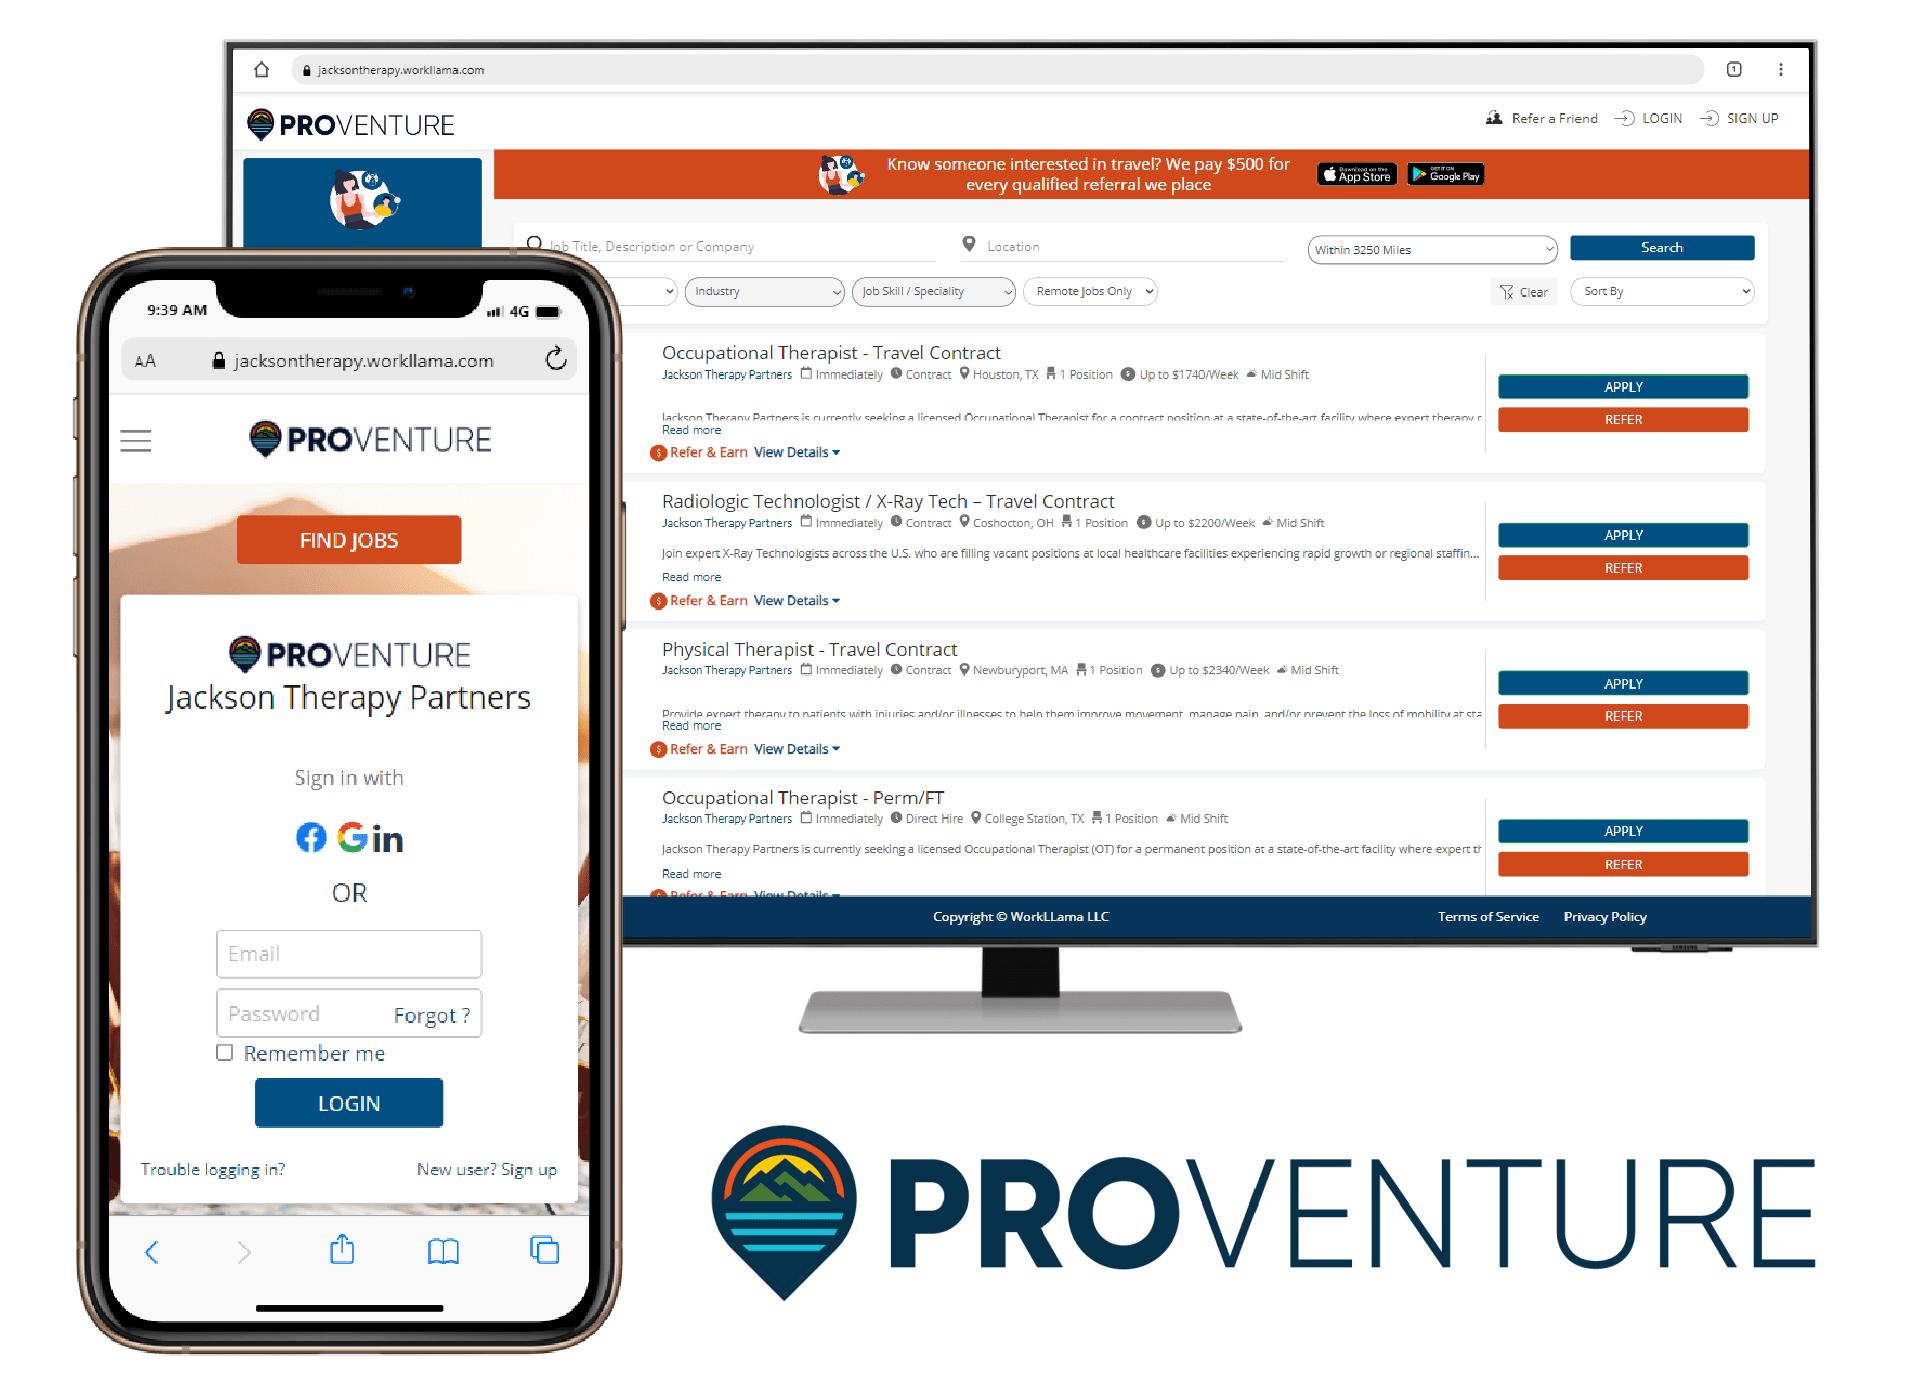 proventure app